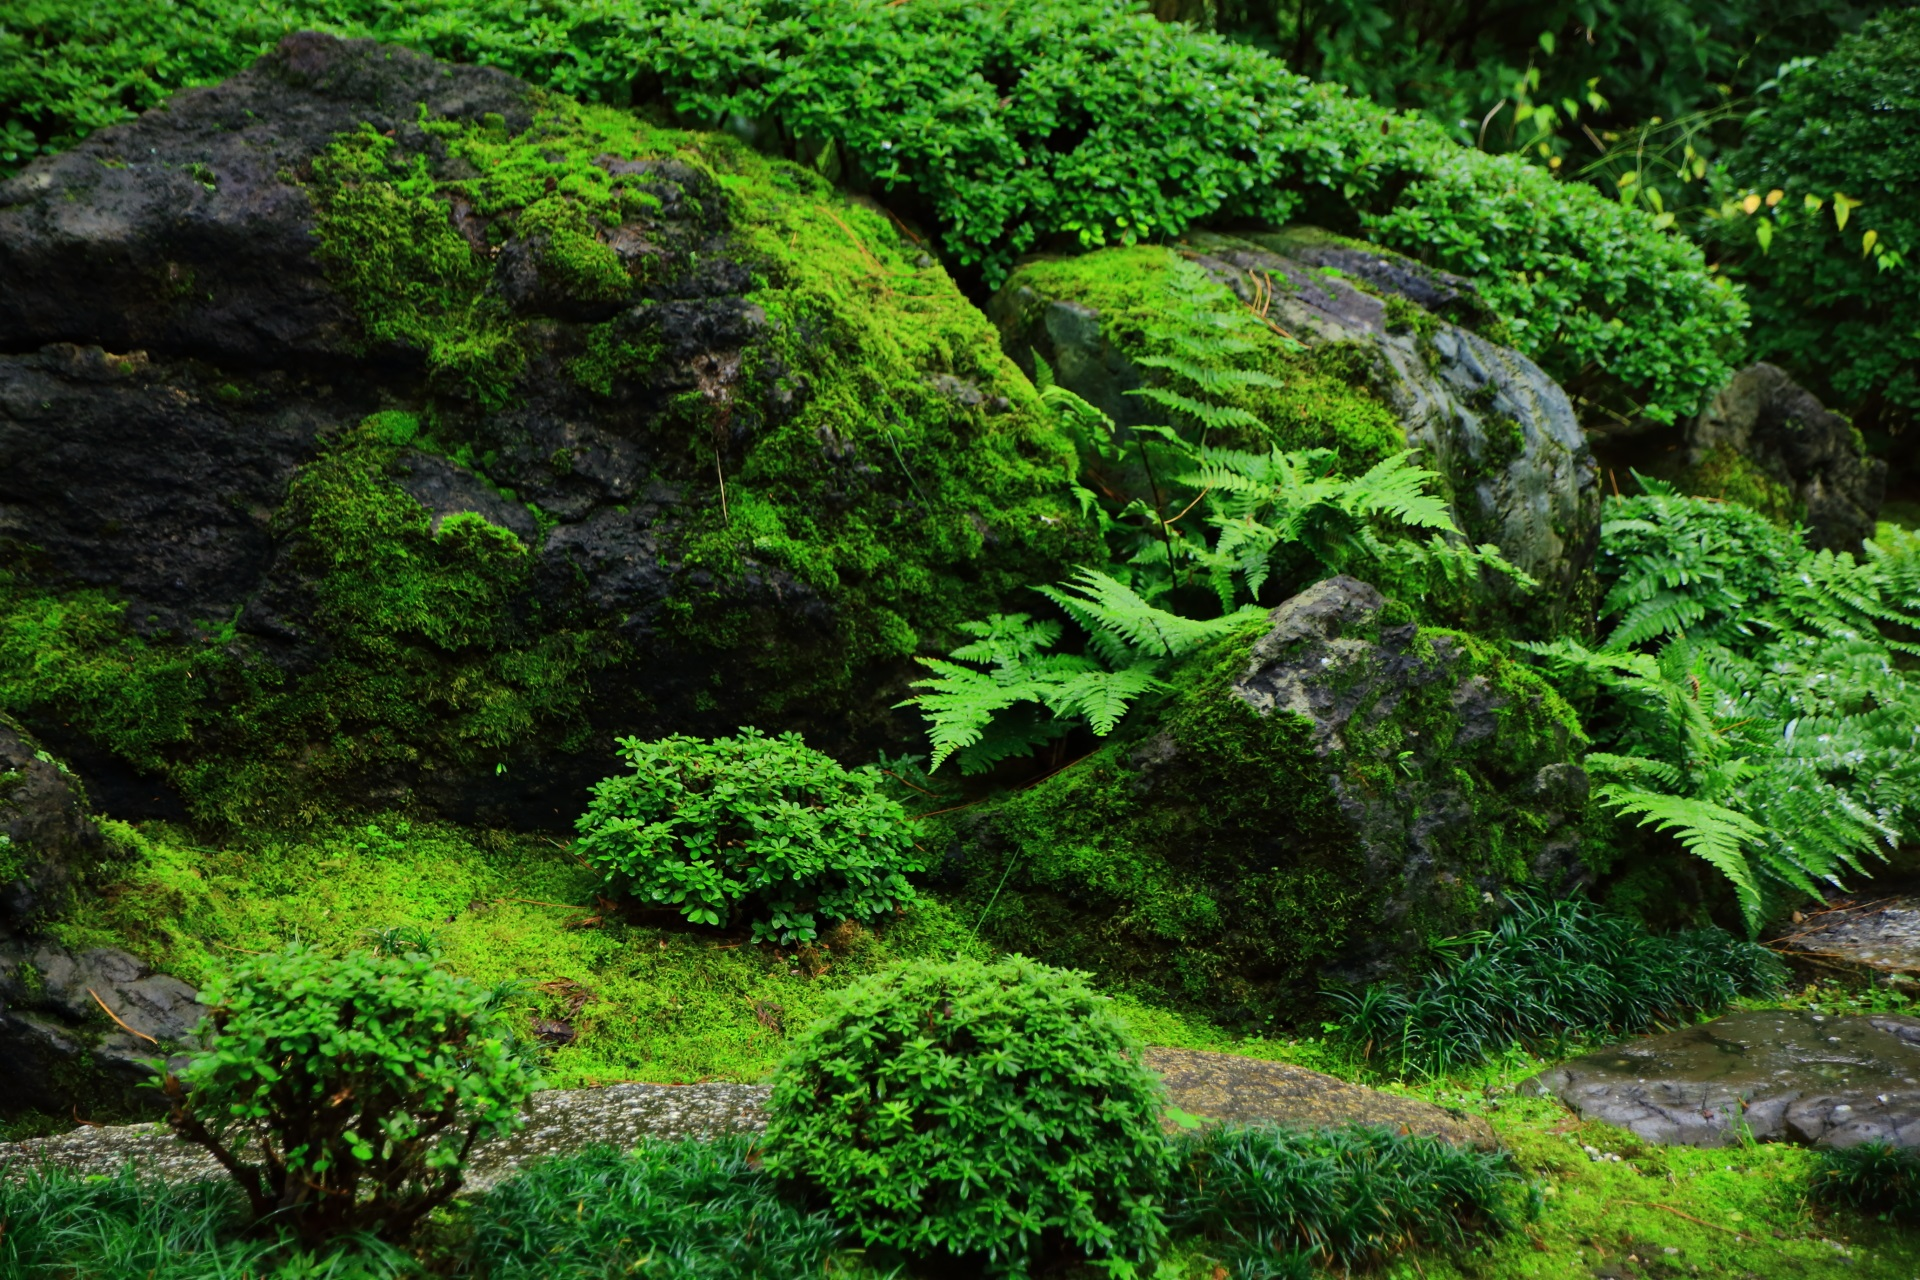 角屋の庭園の鮮やかな緑